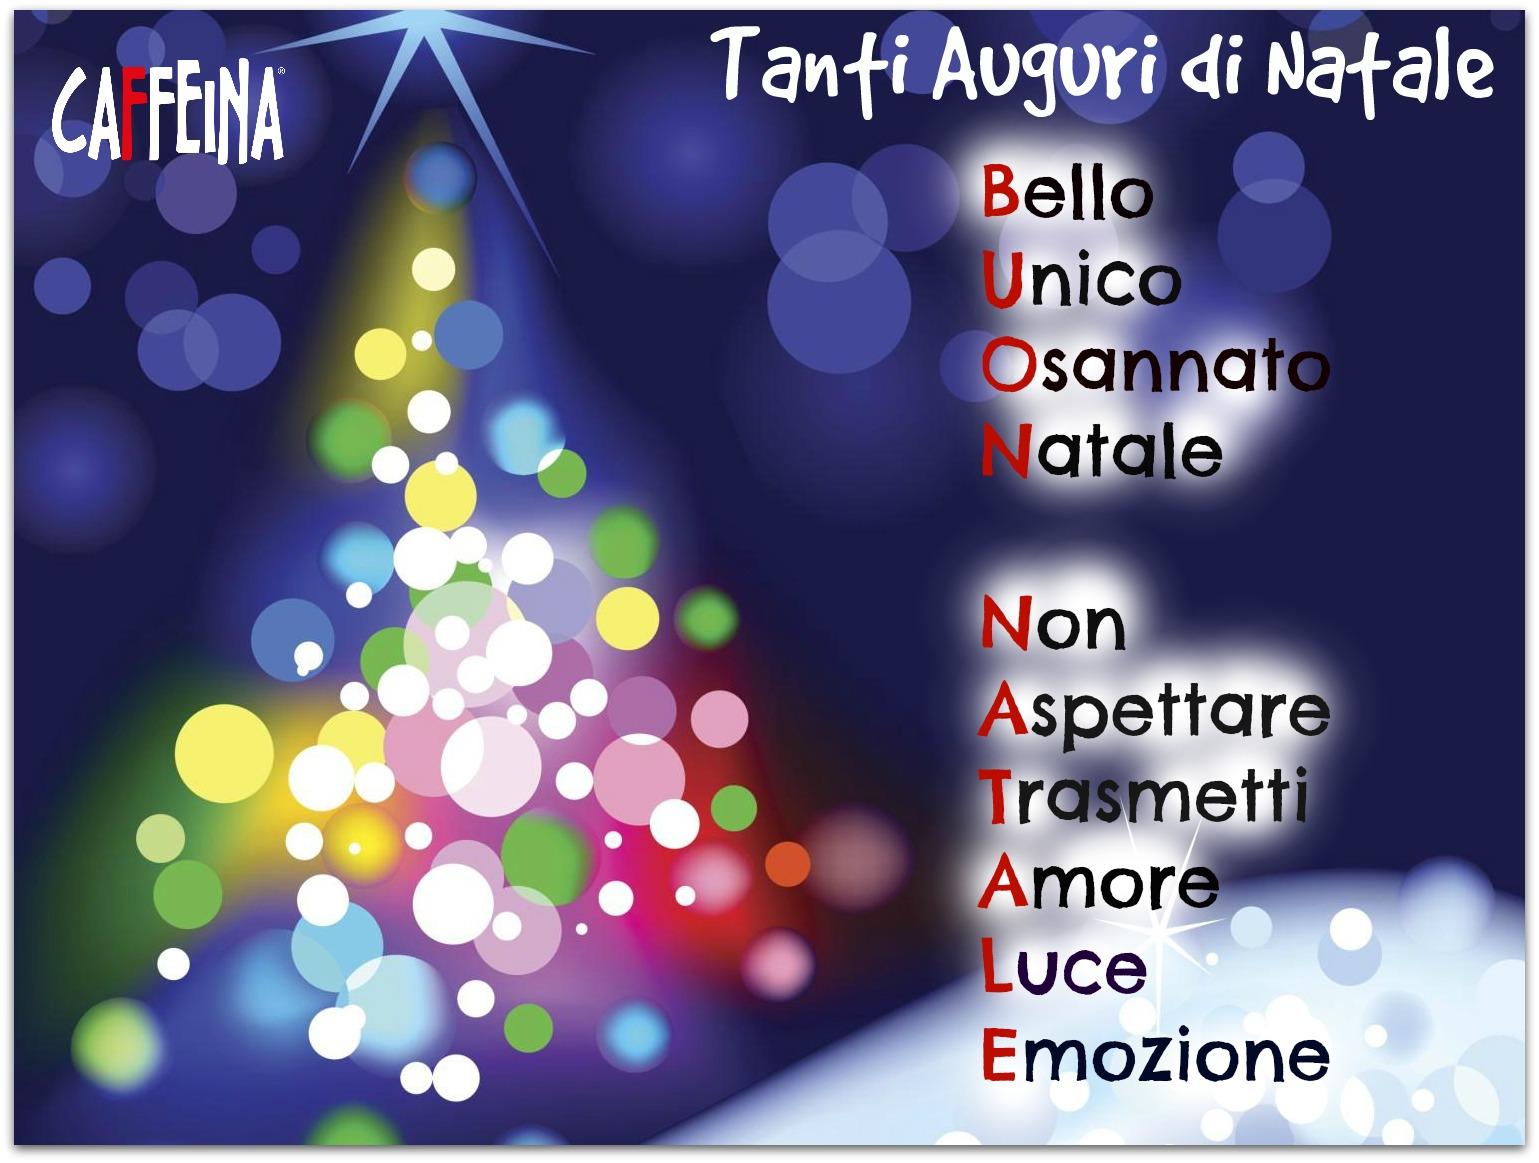 Immagini Belle Per Auguri Di Natale.Auguri Di Buon Natale Su Whatsapp Una Lista Lunghissima